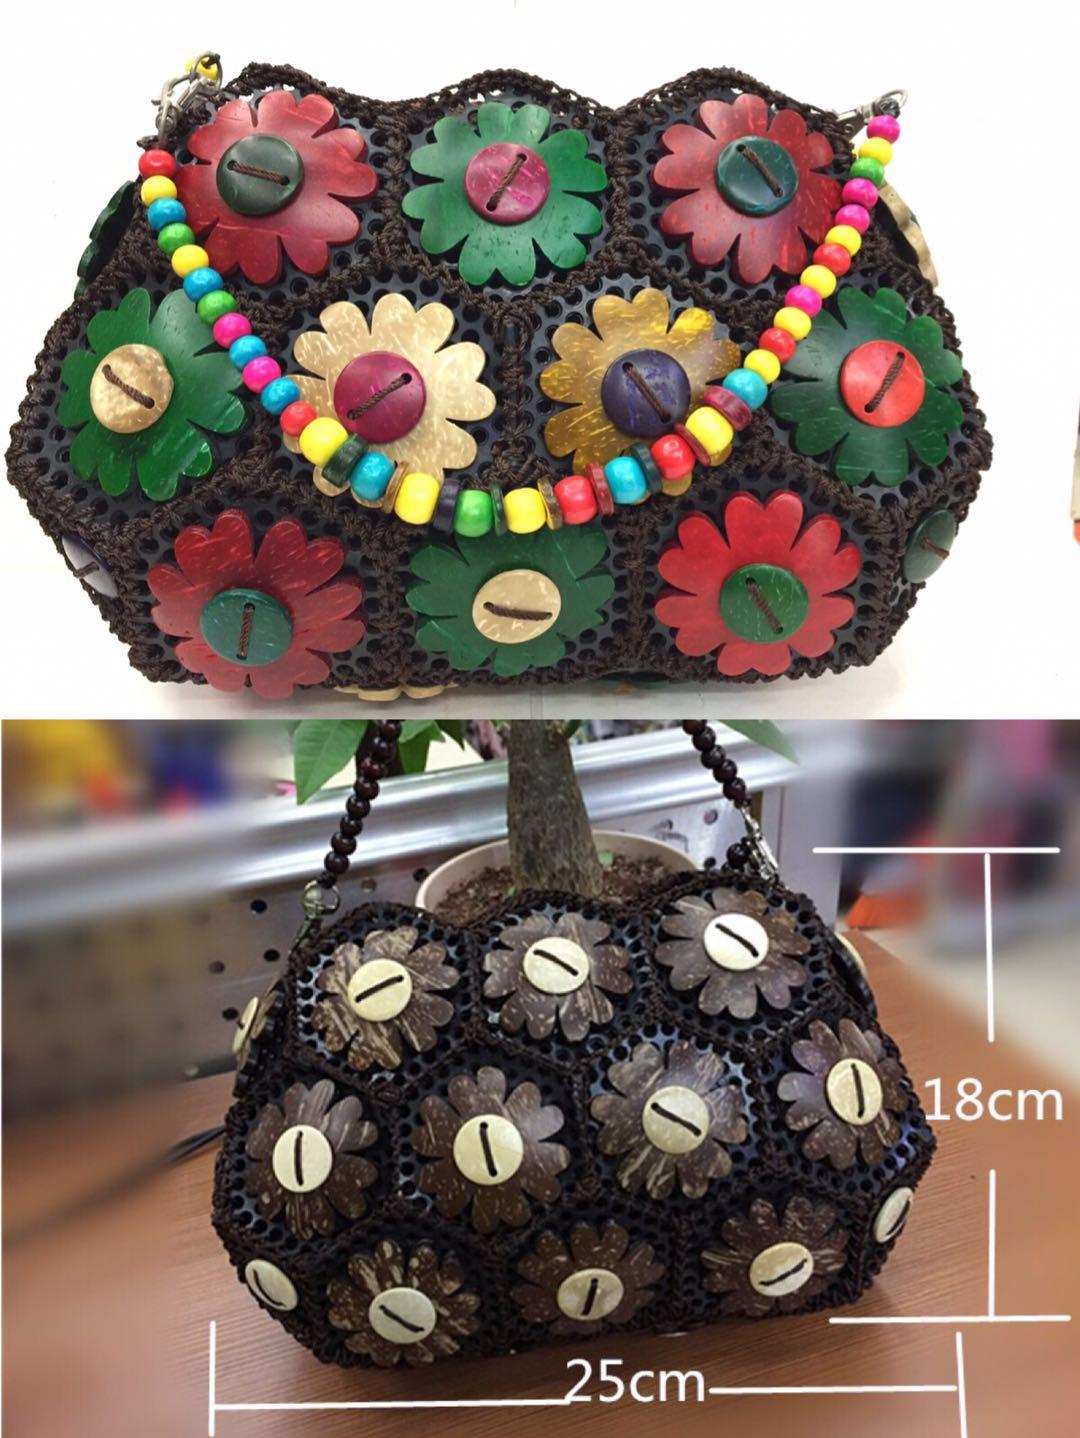 长包带手包_全彩色和咖啡色各30个.jpg